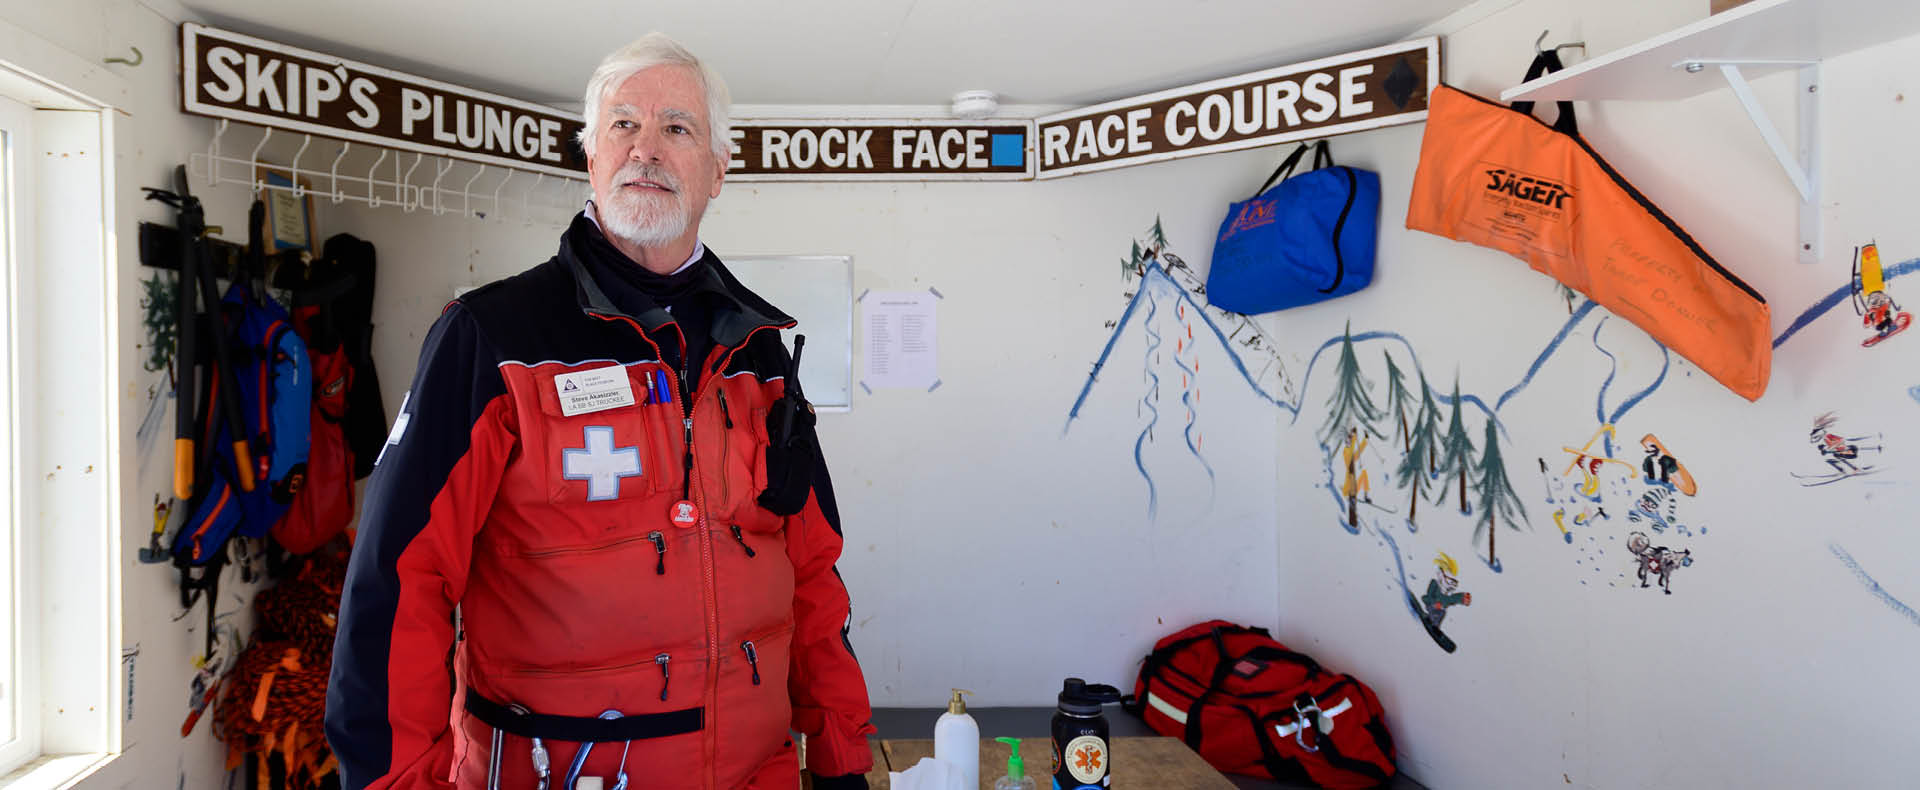 2021-22 Winter Hiring Campaign Web Page 1920x790 v1-SkiPatroller2 image